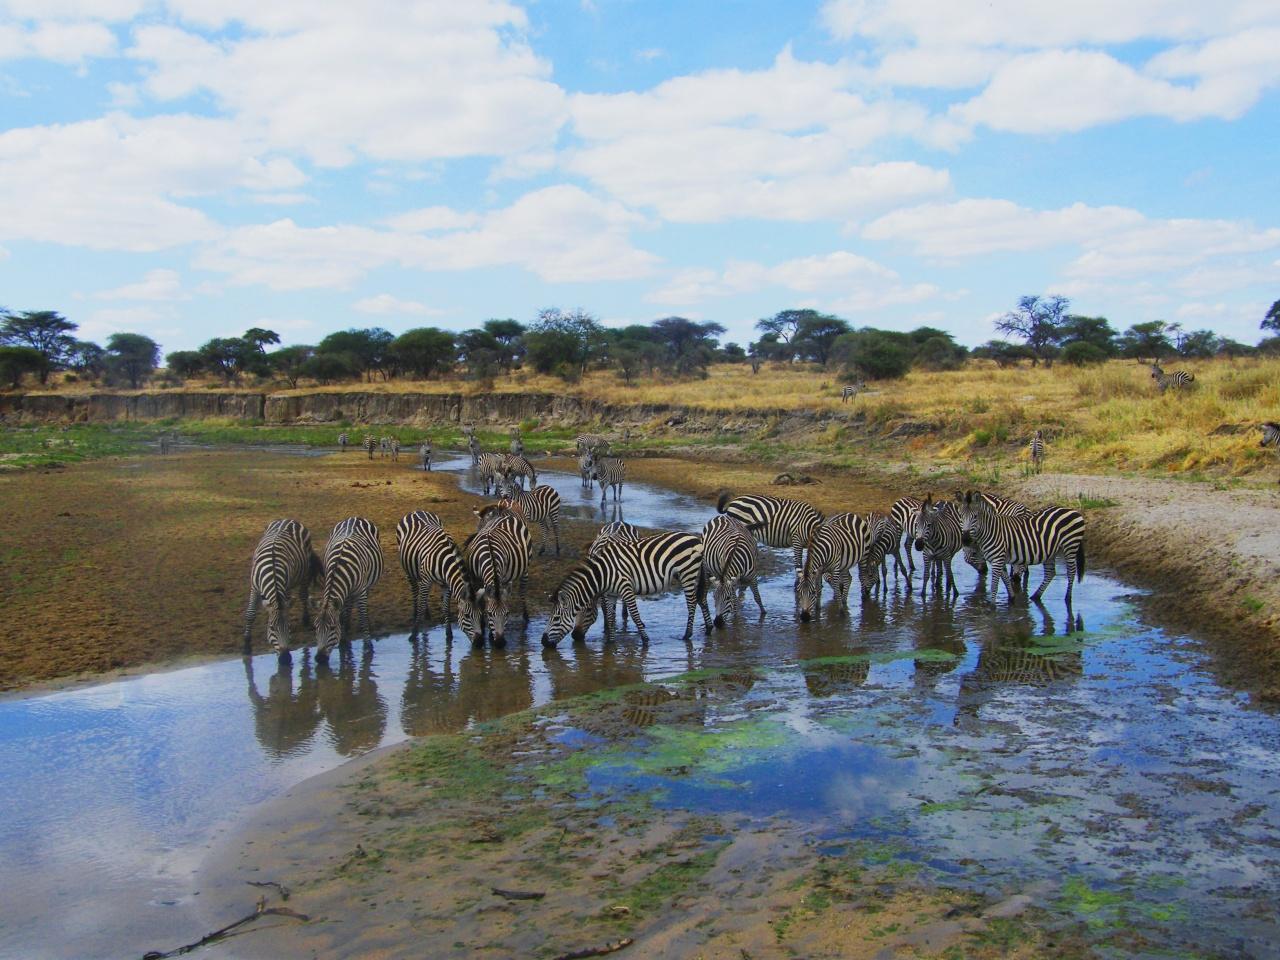 在肯亞安博塞利國家公園,Xoni和斑馬近距離接觸。(受訪者提供)